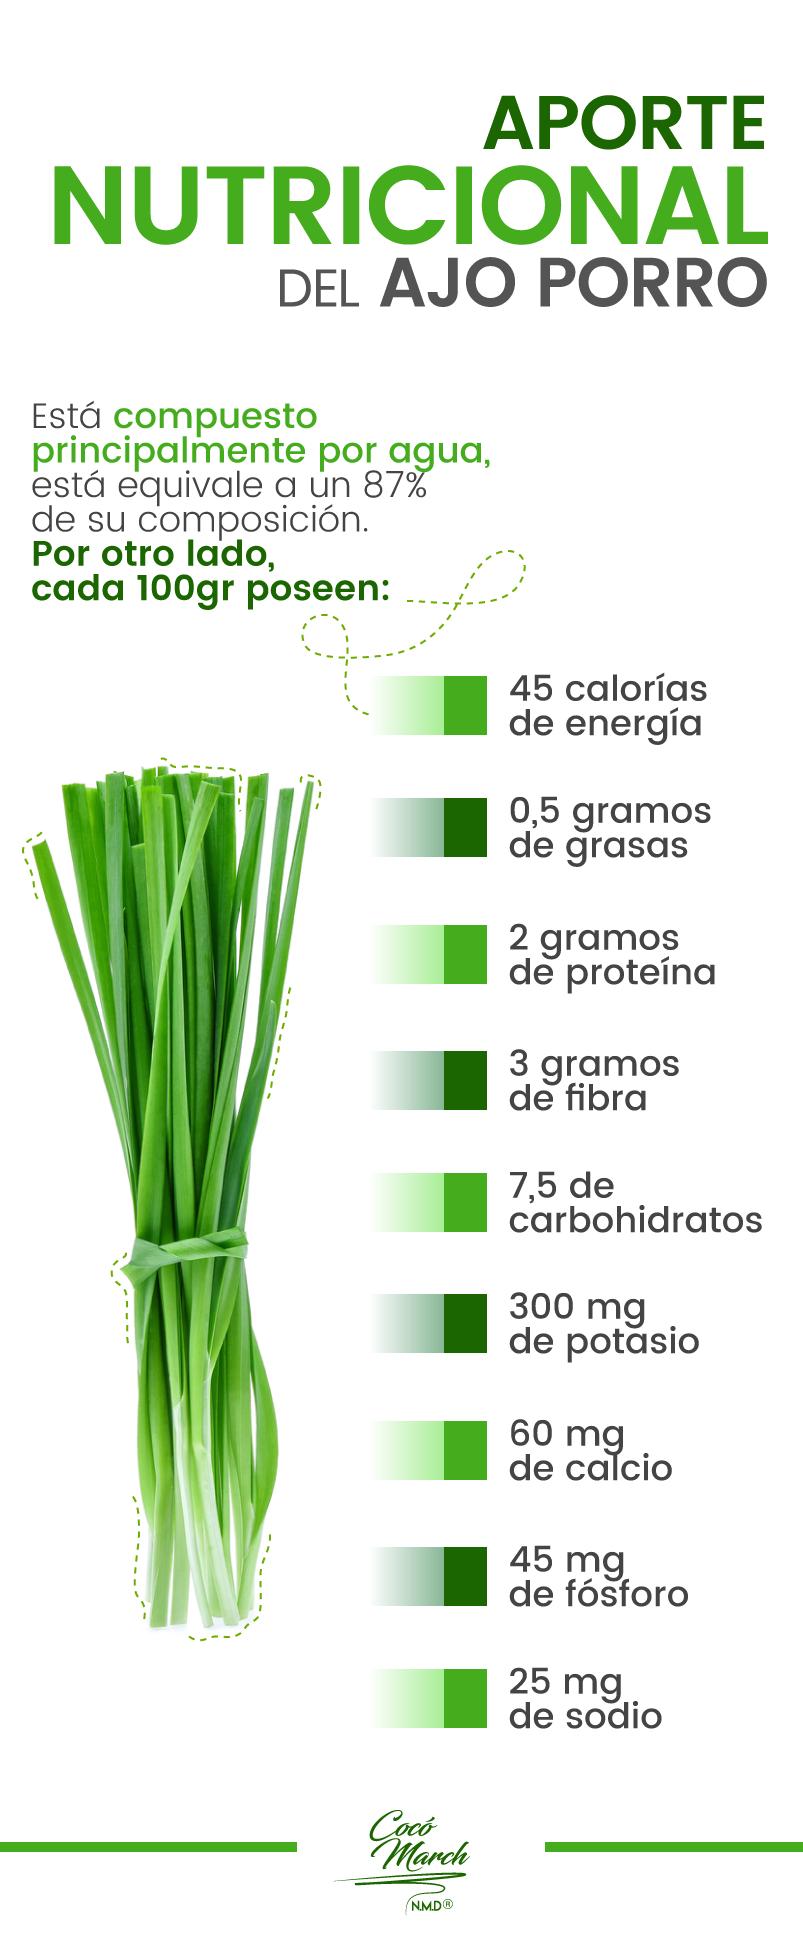 aporte-nutricional-del-ajoporro